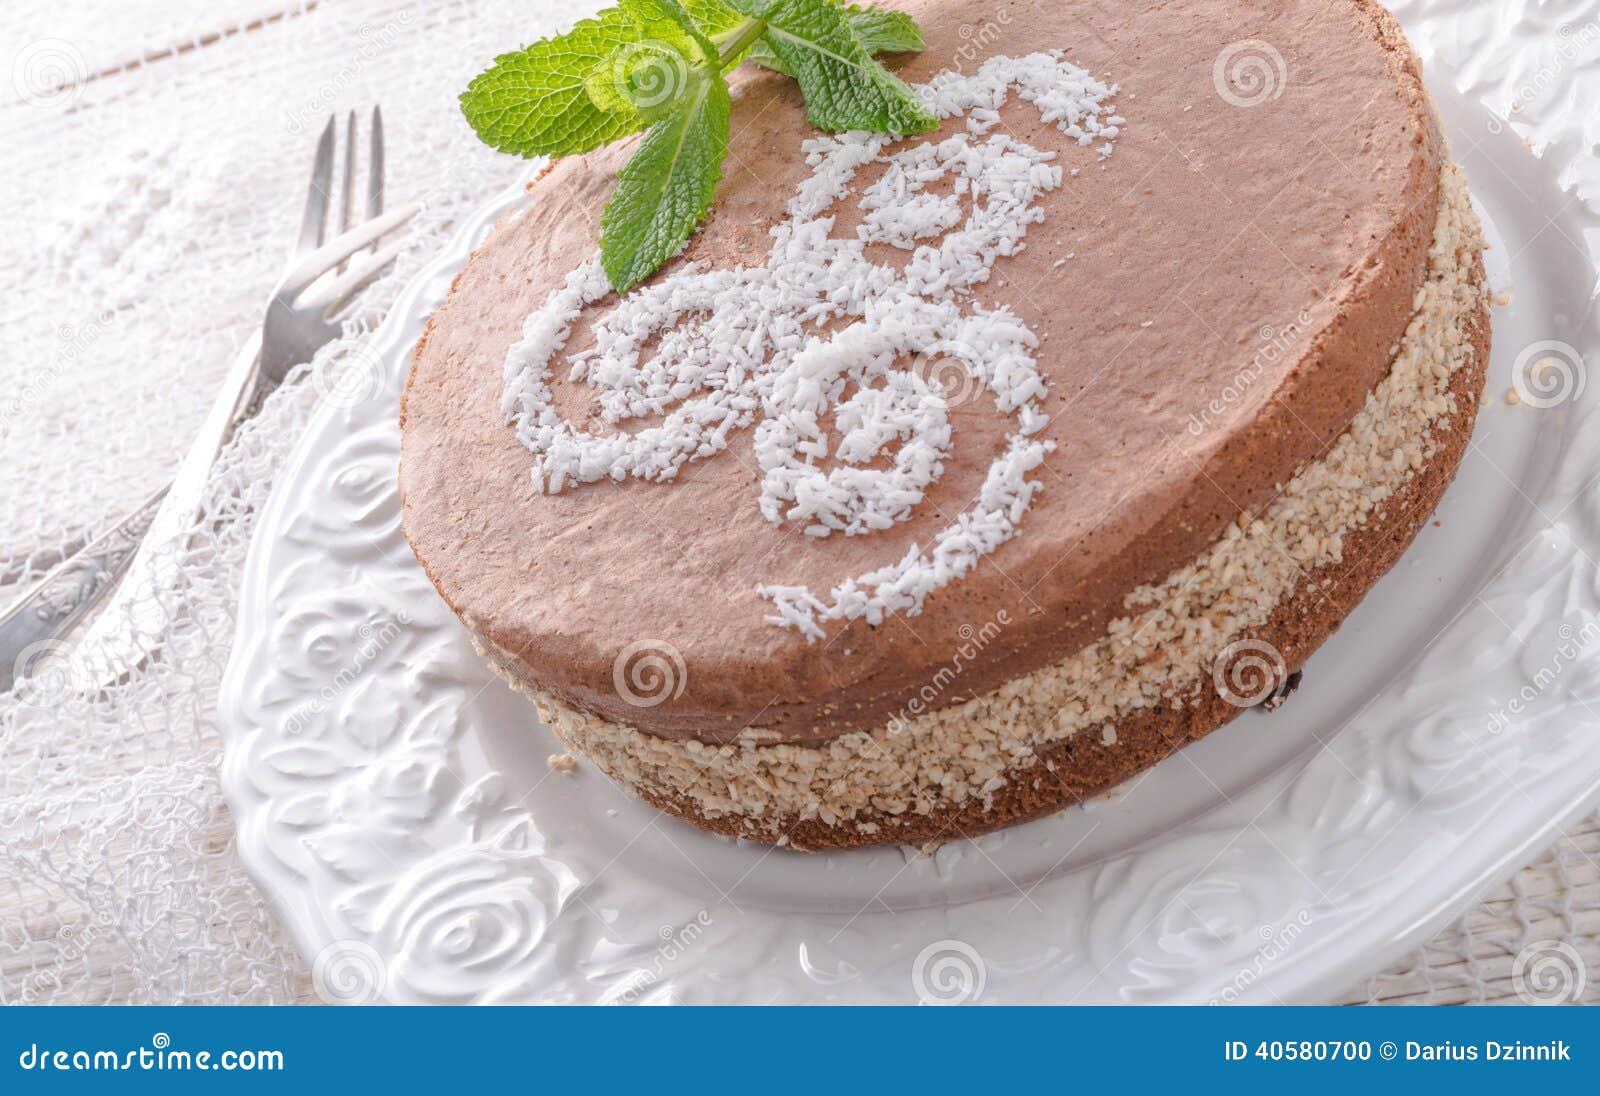 schokoladenkuchen mit nussf llung stockfoto bild 40580700. Black Bedroom Furniture Sets. Home Design Ideas